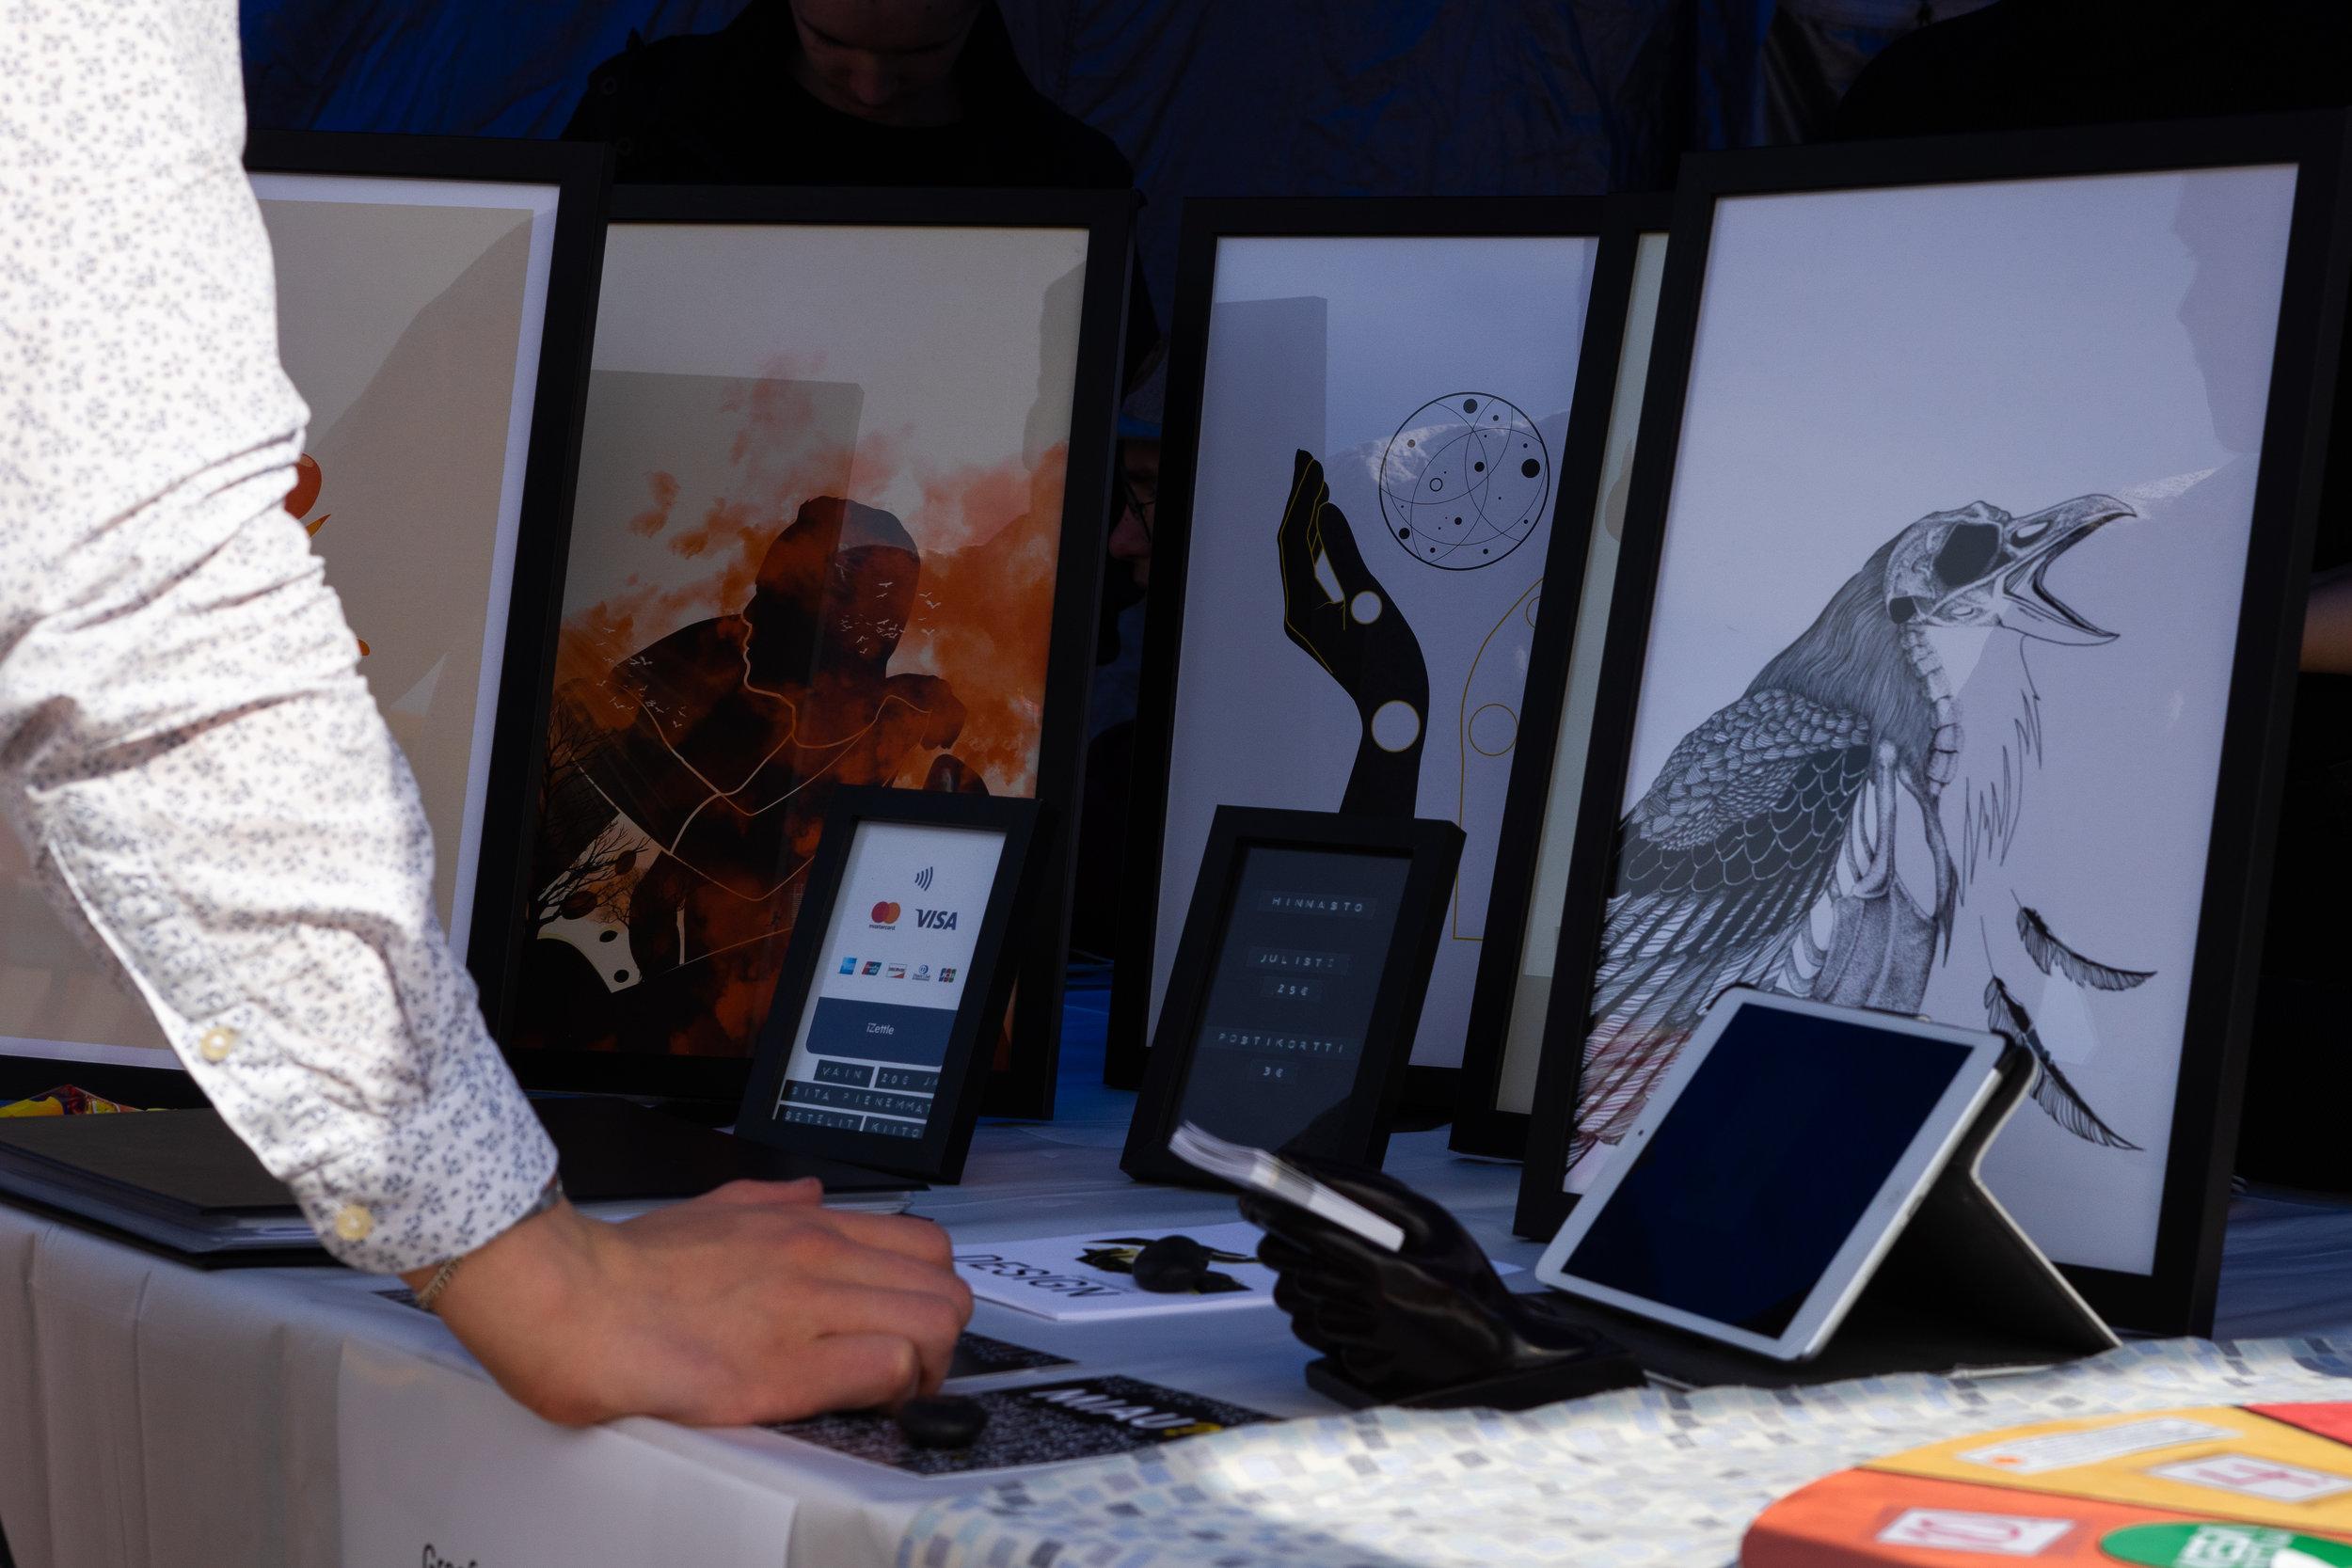 Mamuunu Designin tuotteet keräsivät ihailevia katseita. Kuvan ottanut  Jani Hokki .